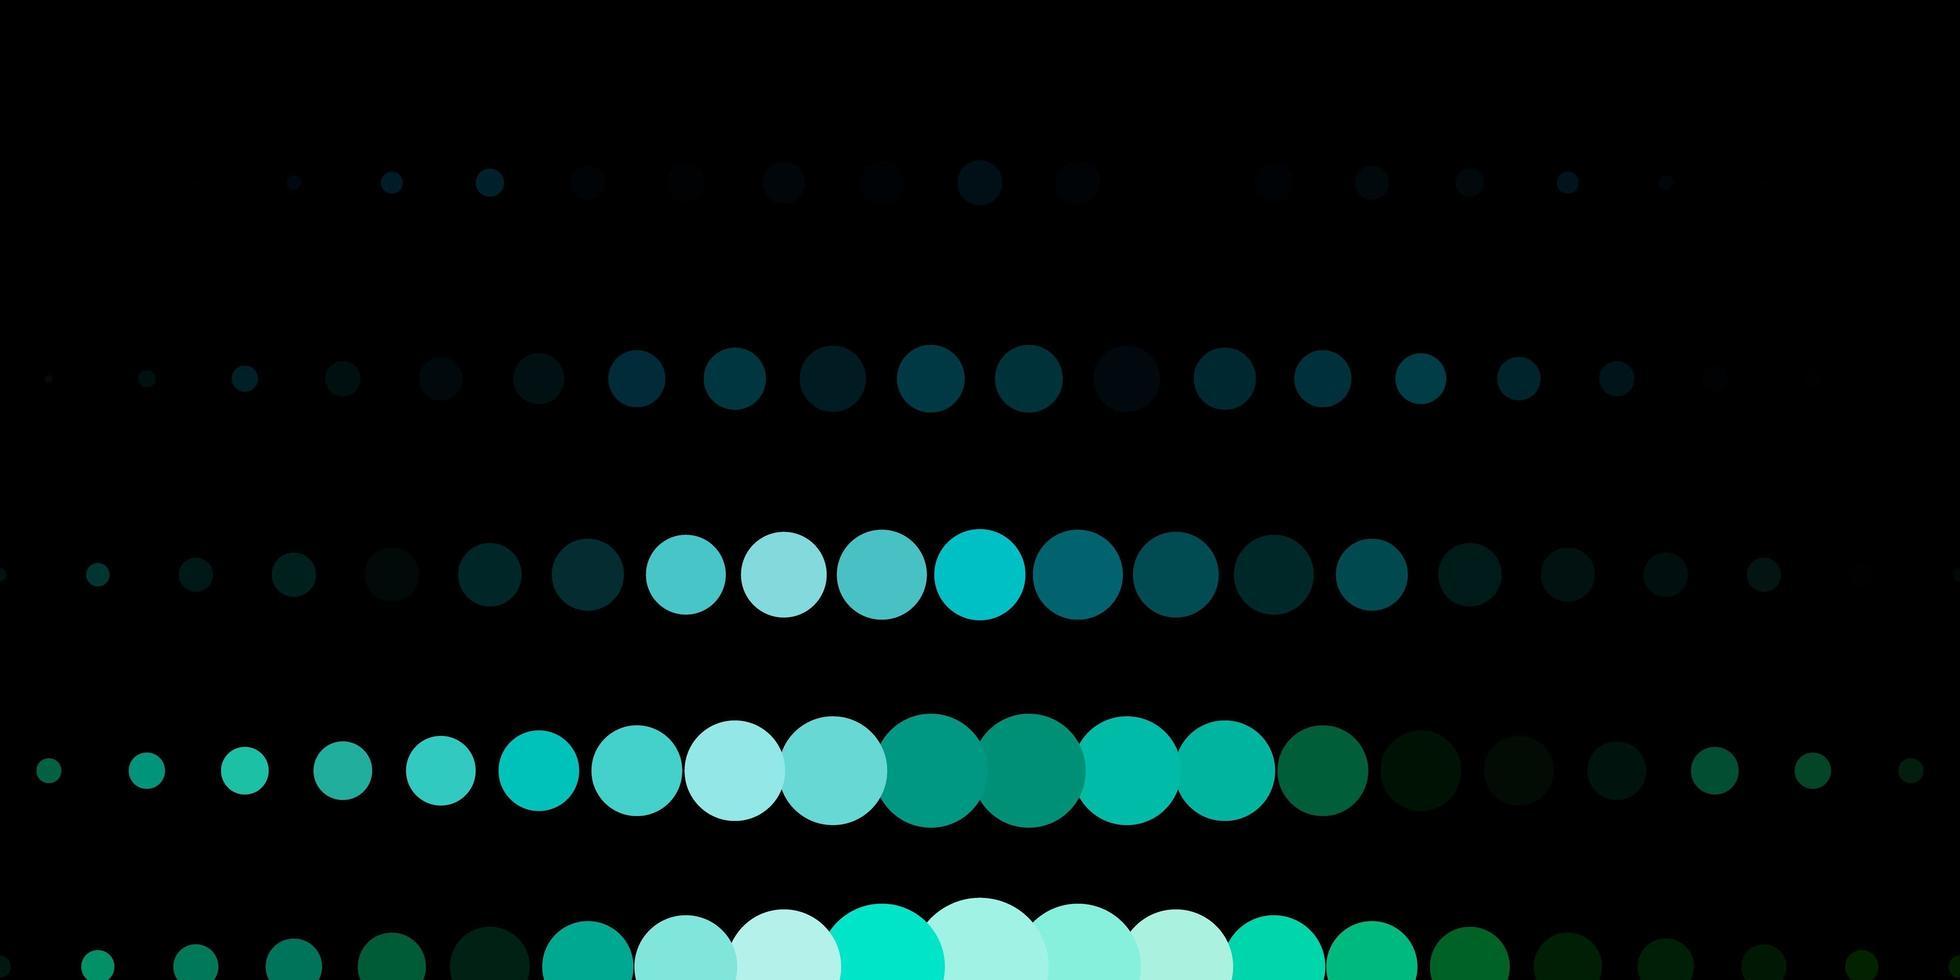 mörkblå, grön vektorbakgrund med prickar. vektor